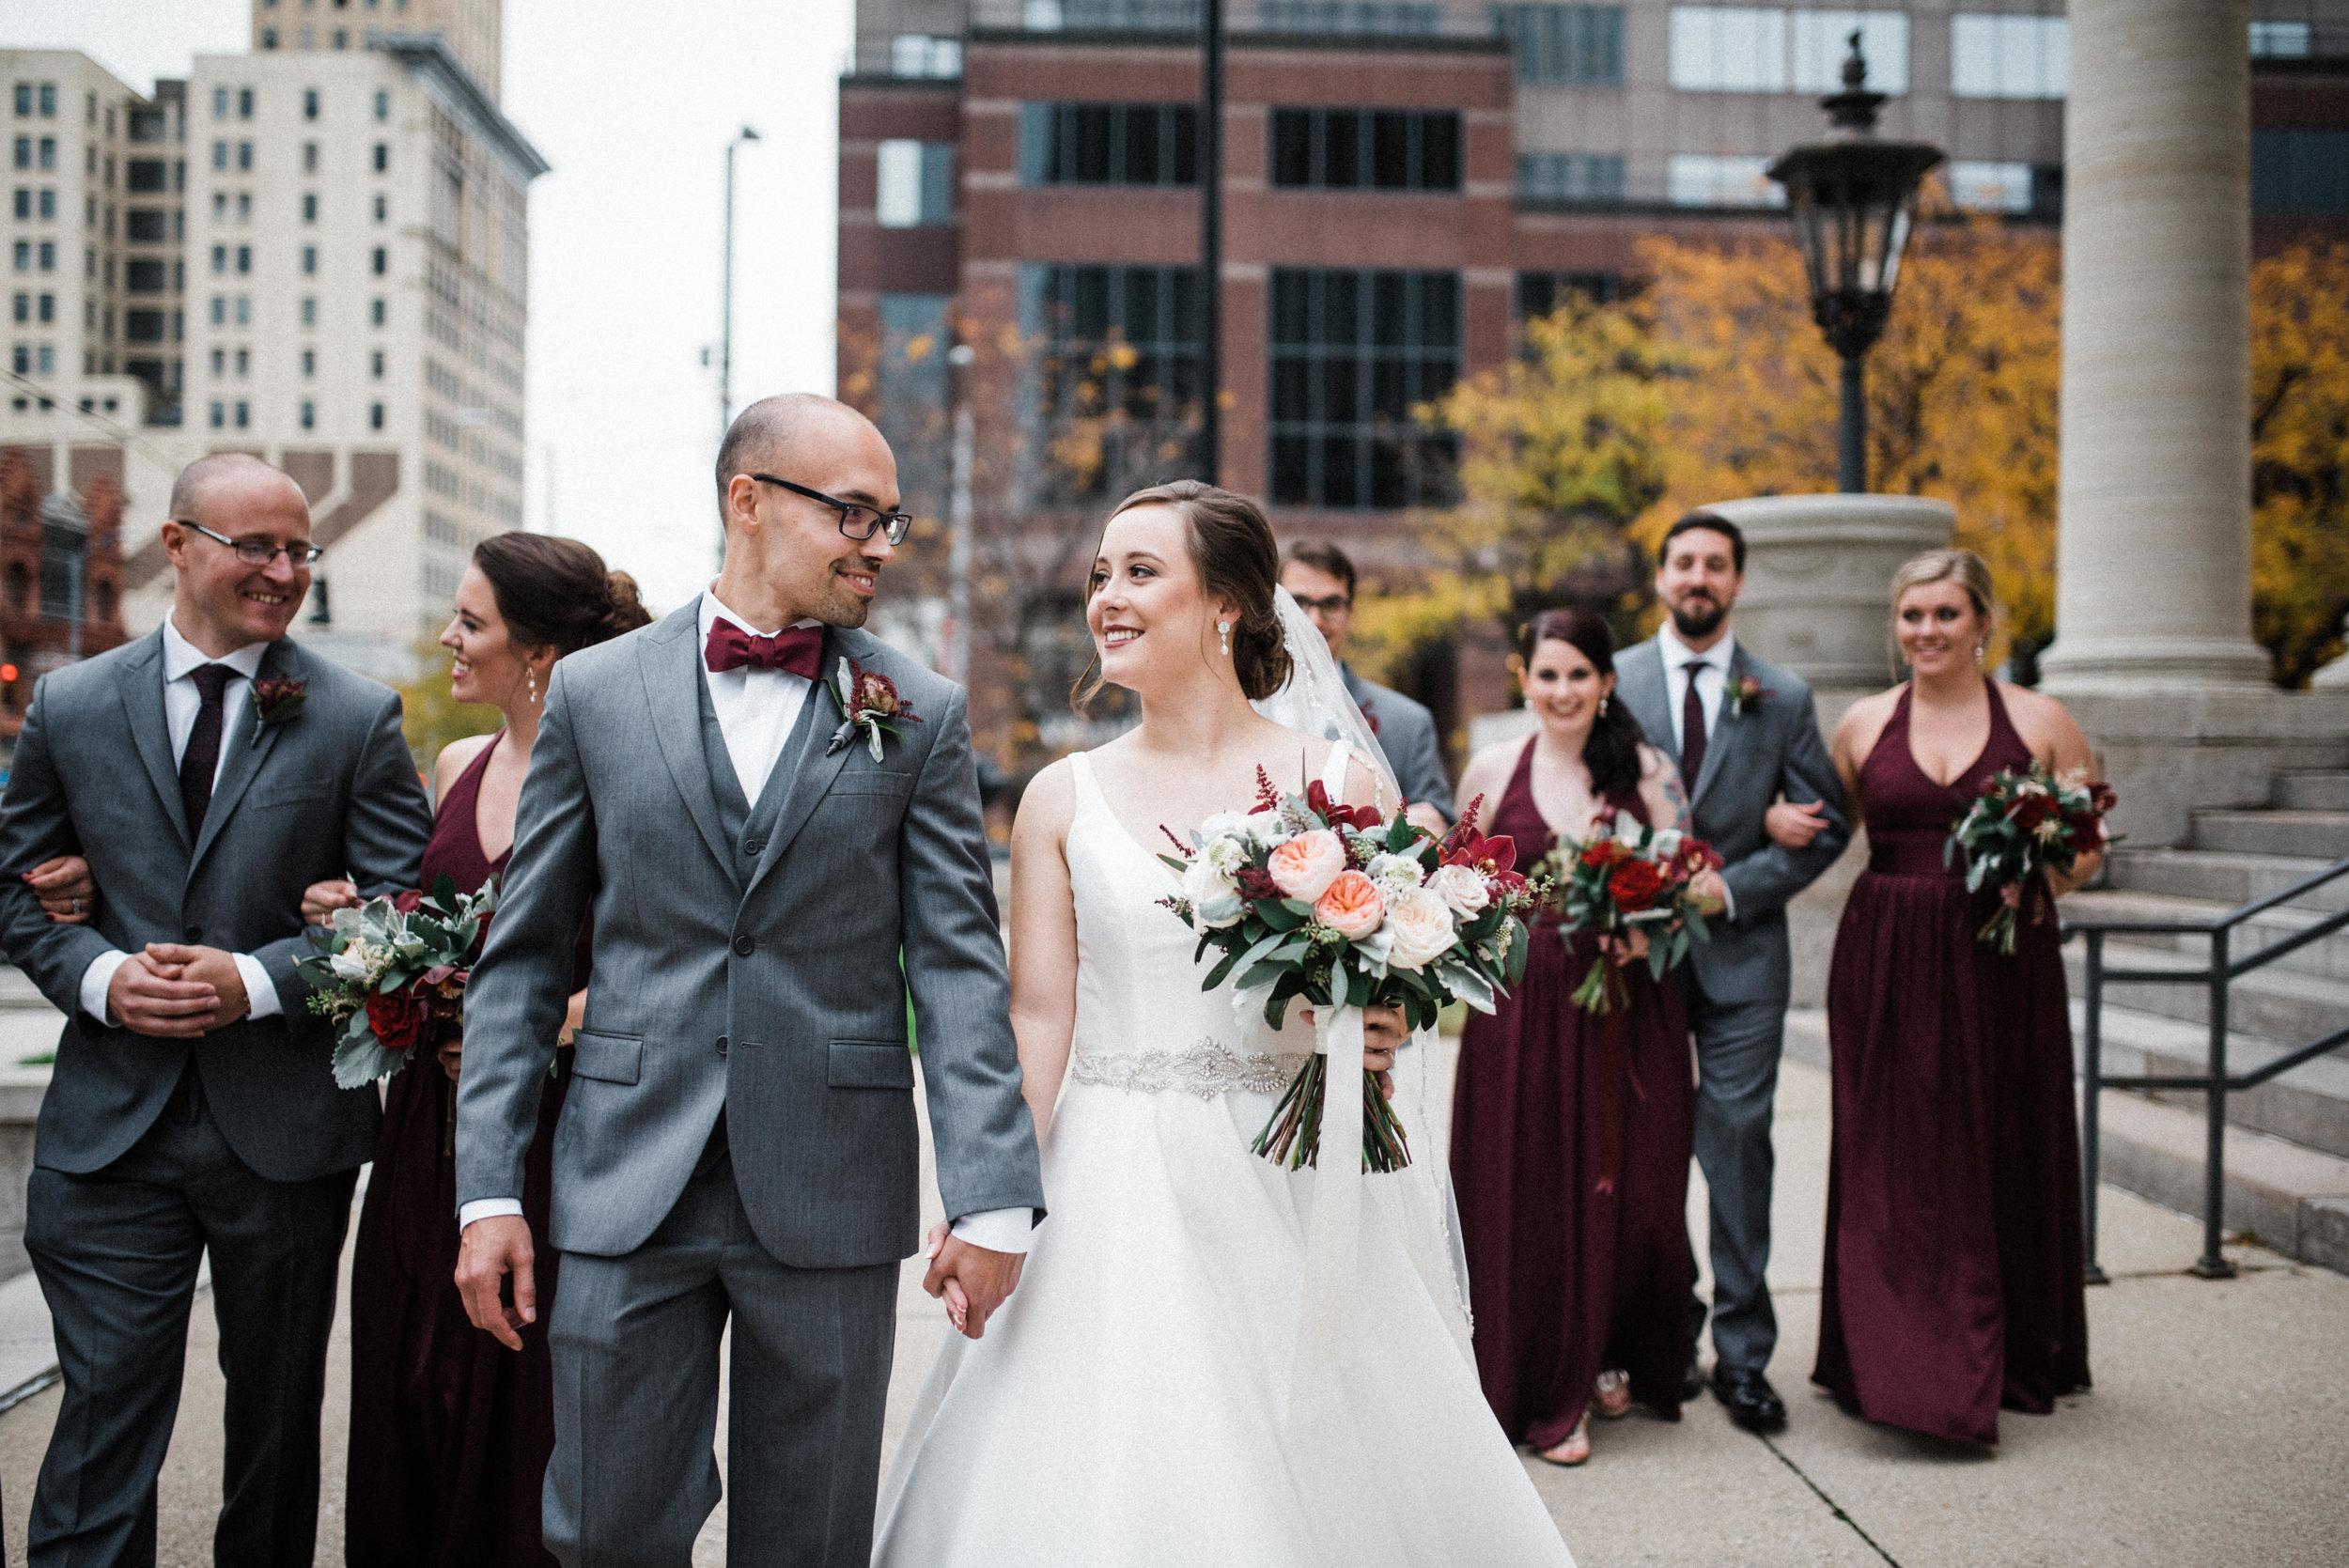 -Chelsea-Hall-Photography-Old-Courthouse-Wedding-Dayton-Ohio-63.jpg